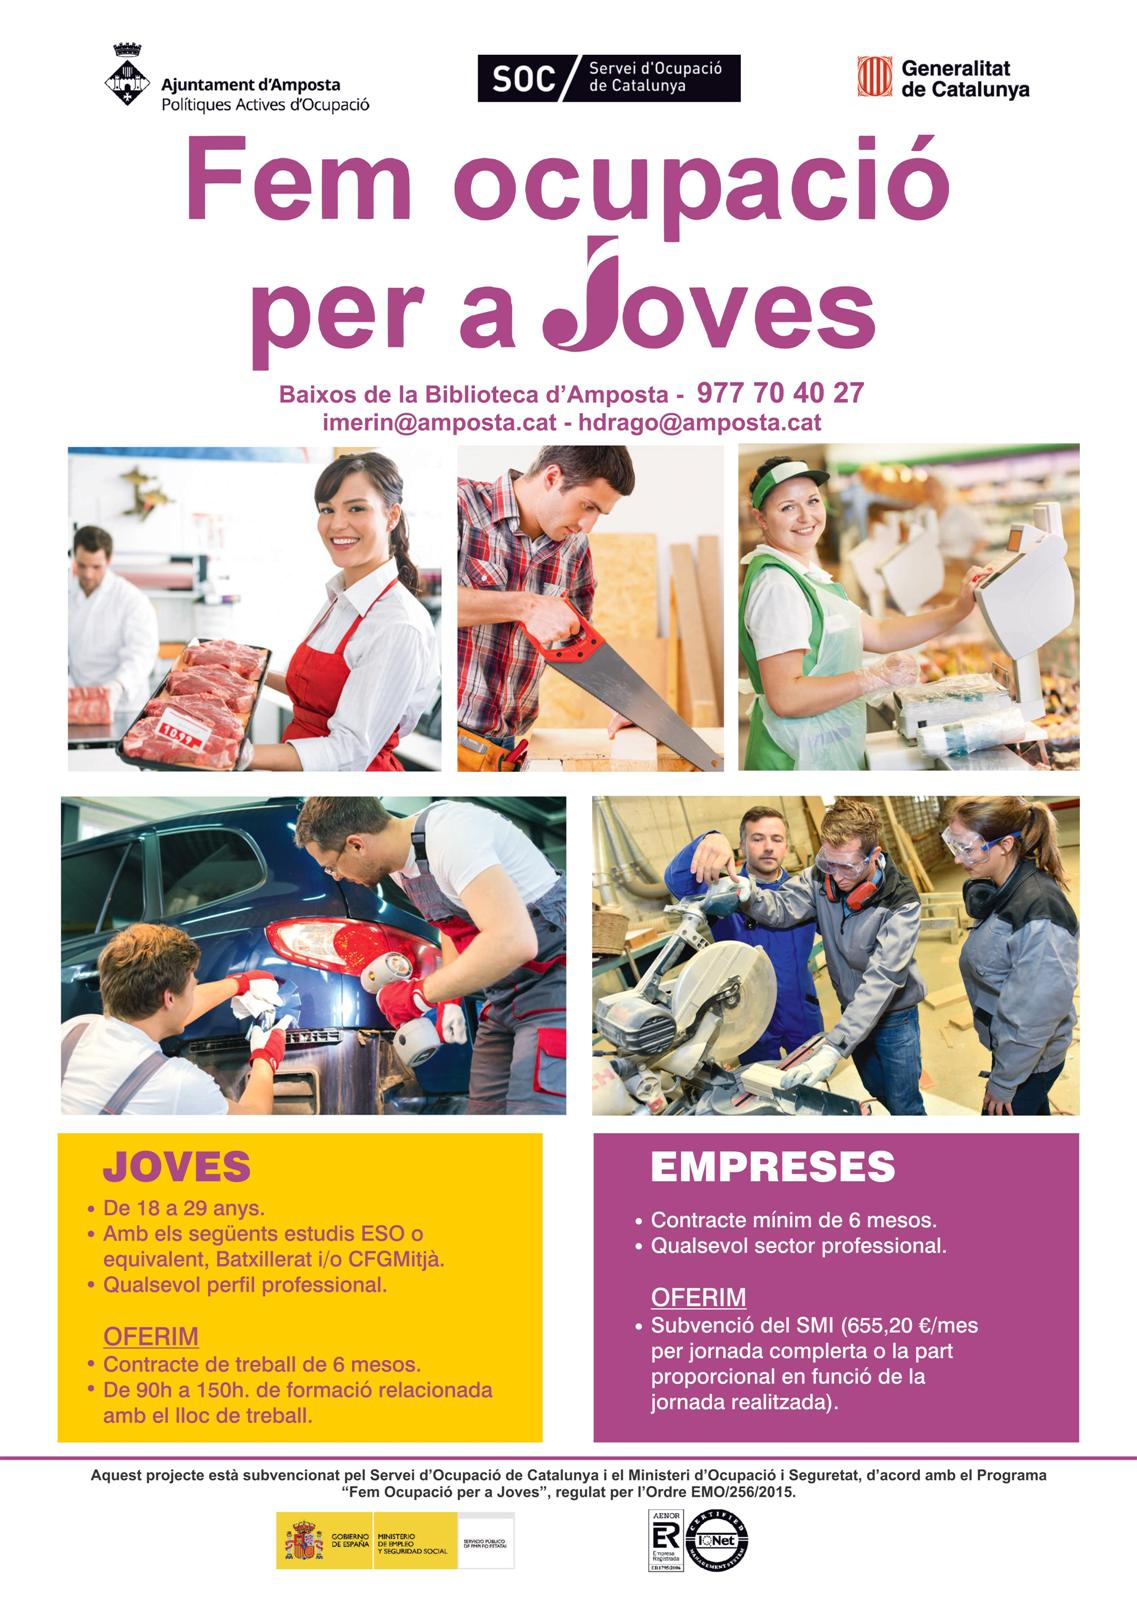 Ajuntament d'Amposta > notícies > Fins a 114 joves podran participar als nous programes de formació i treball del SOC a Amposta